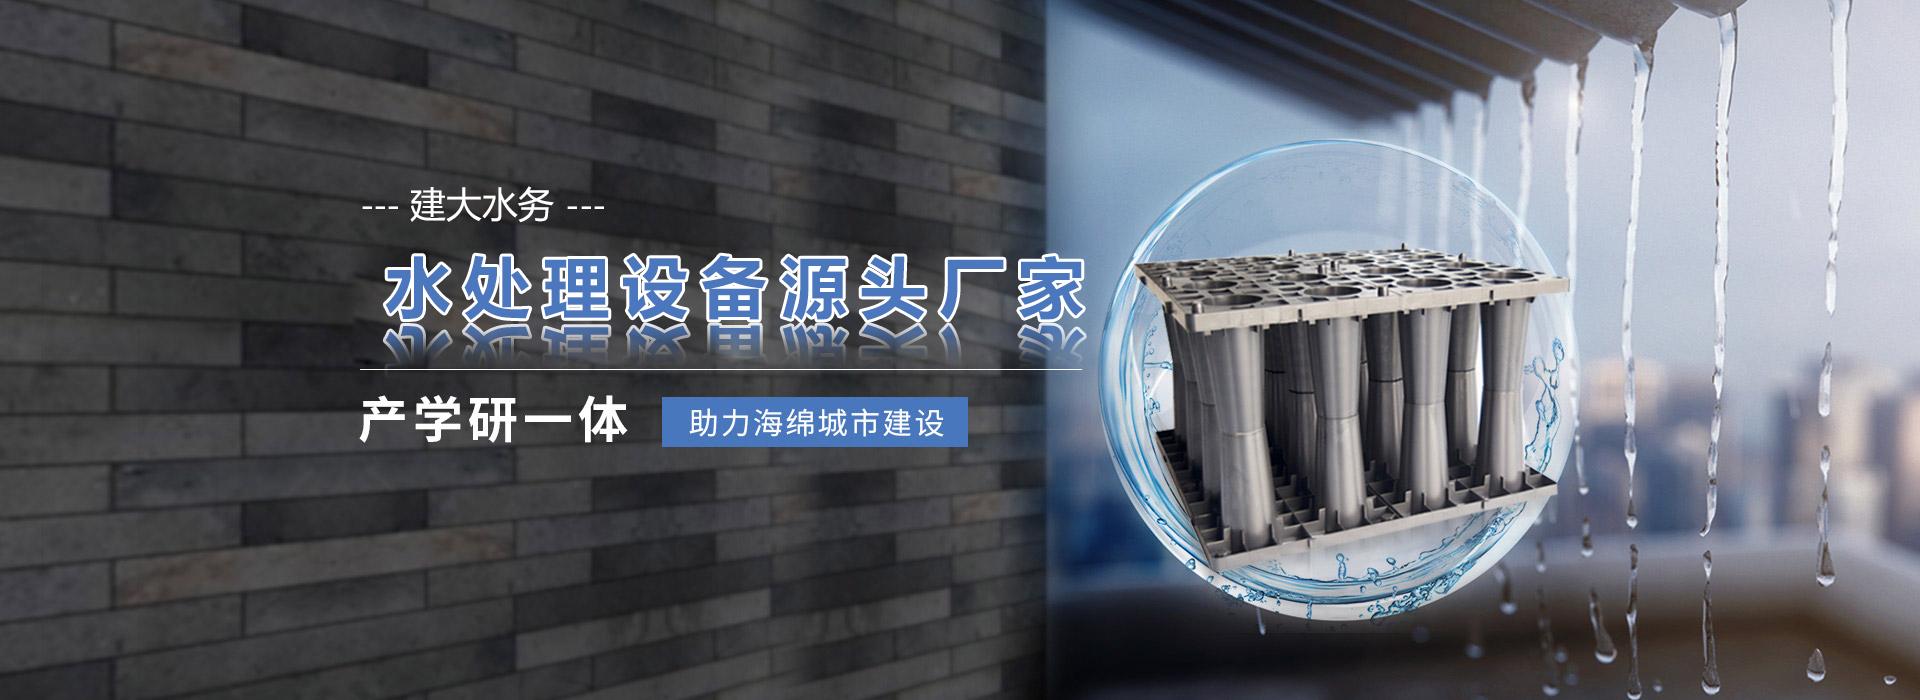 建大水务竞博电竞app收集系统源头厂家